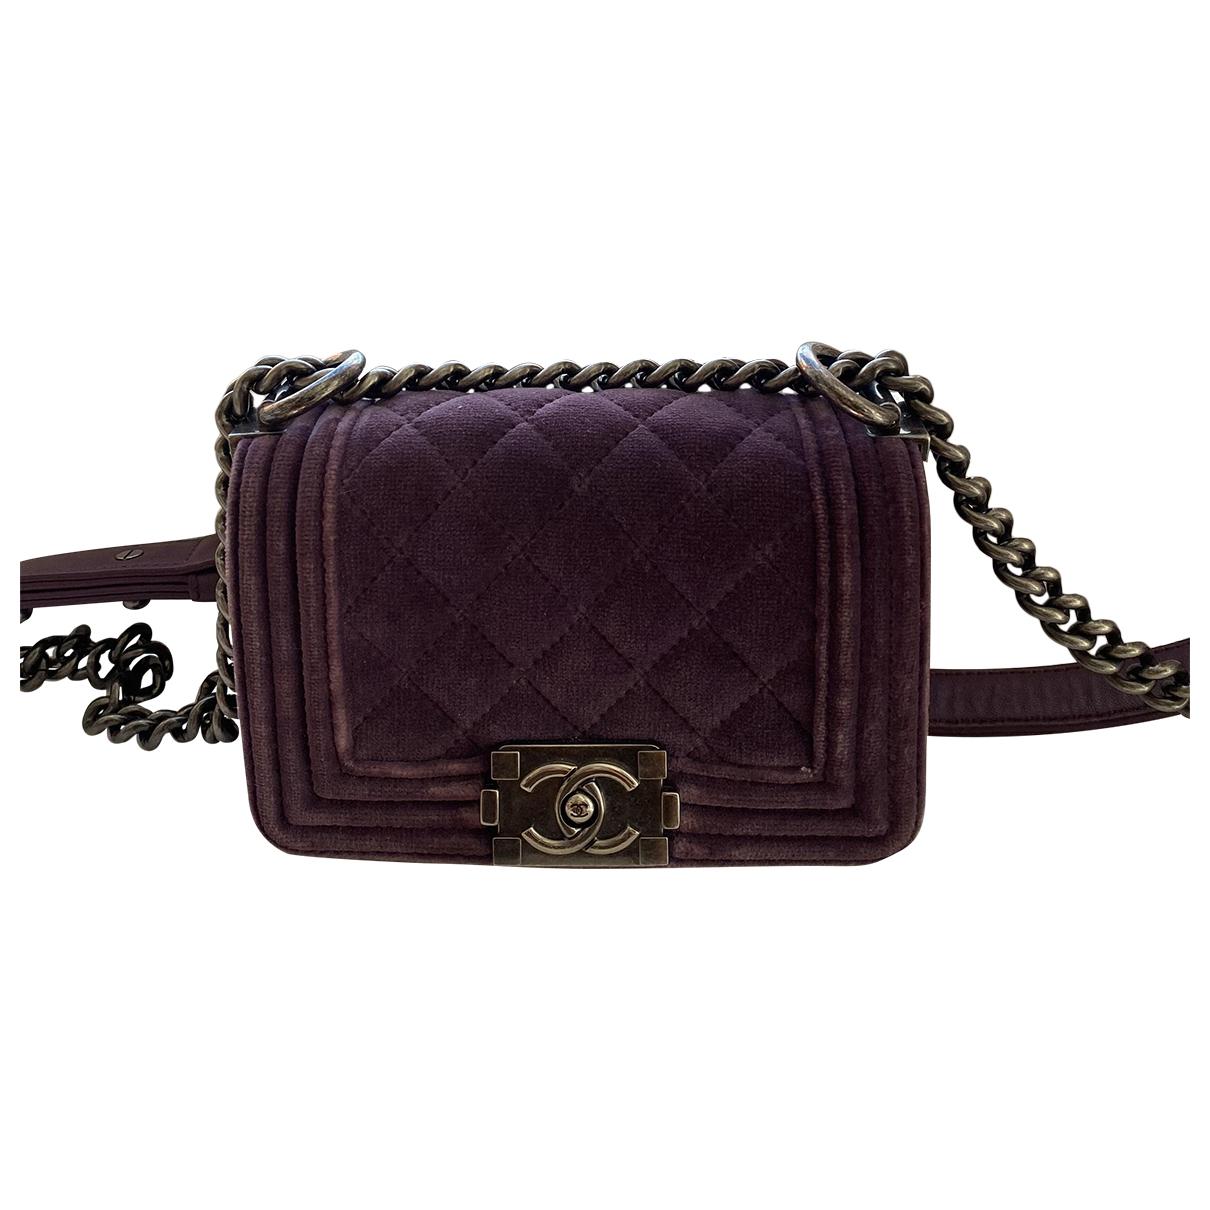 Chanel - Sac a main Boy pour femme en velours - violet